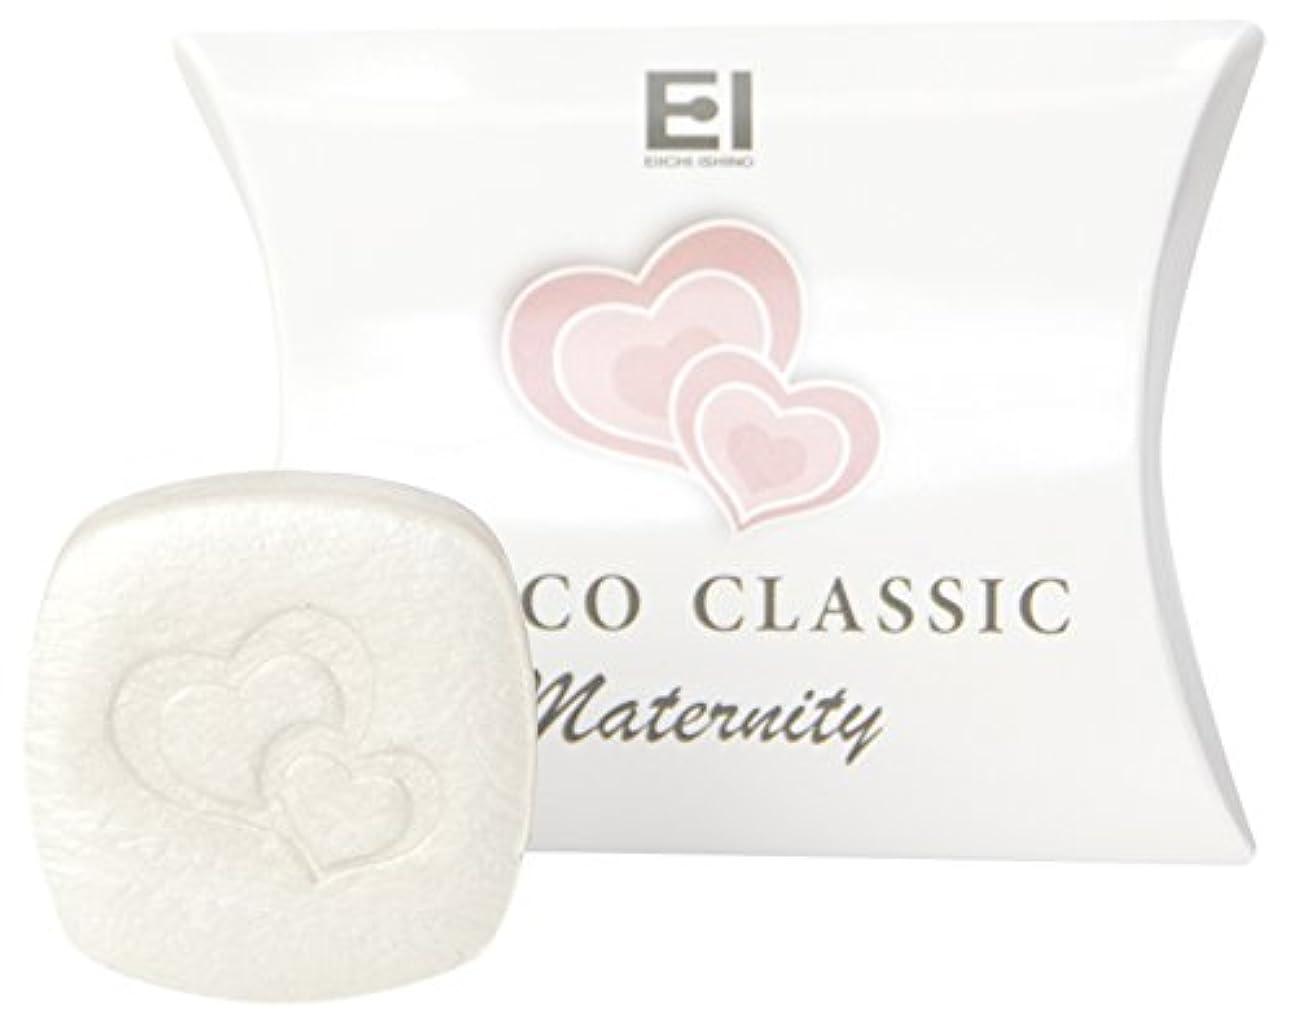 バスタブ繊維ブロックEI JUNCO CLASSIC MATERNITY SOAP 20g